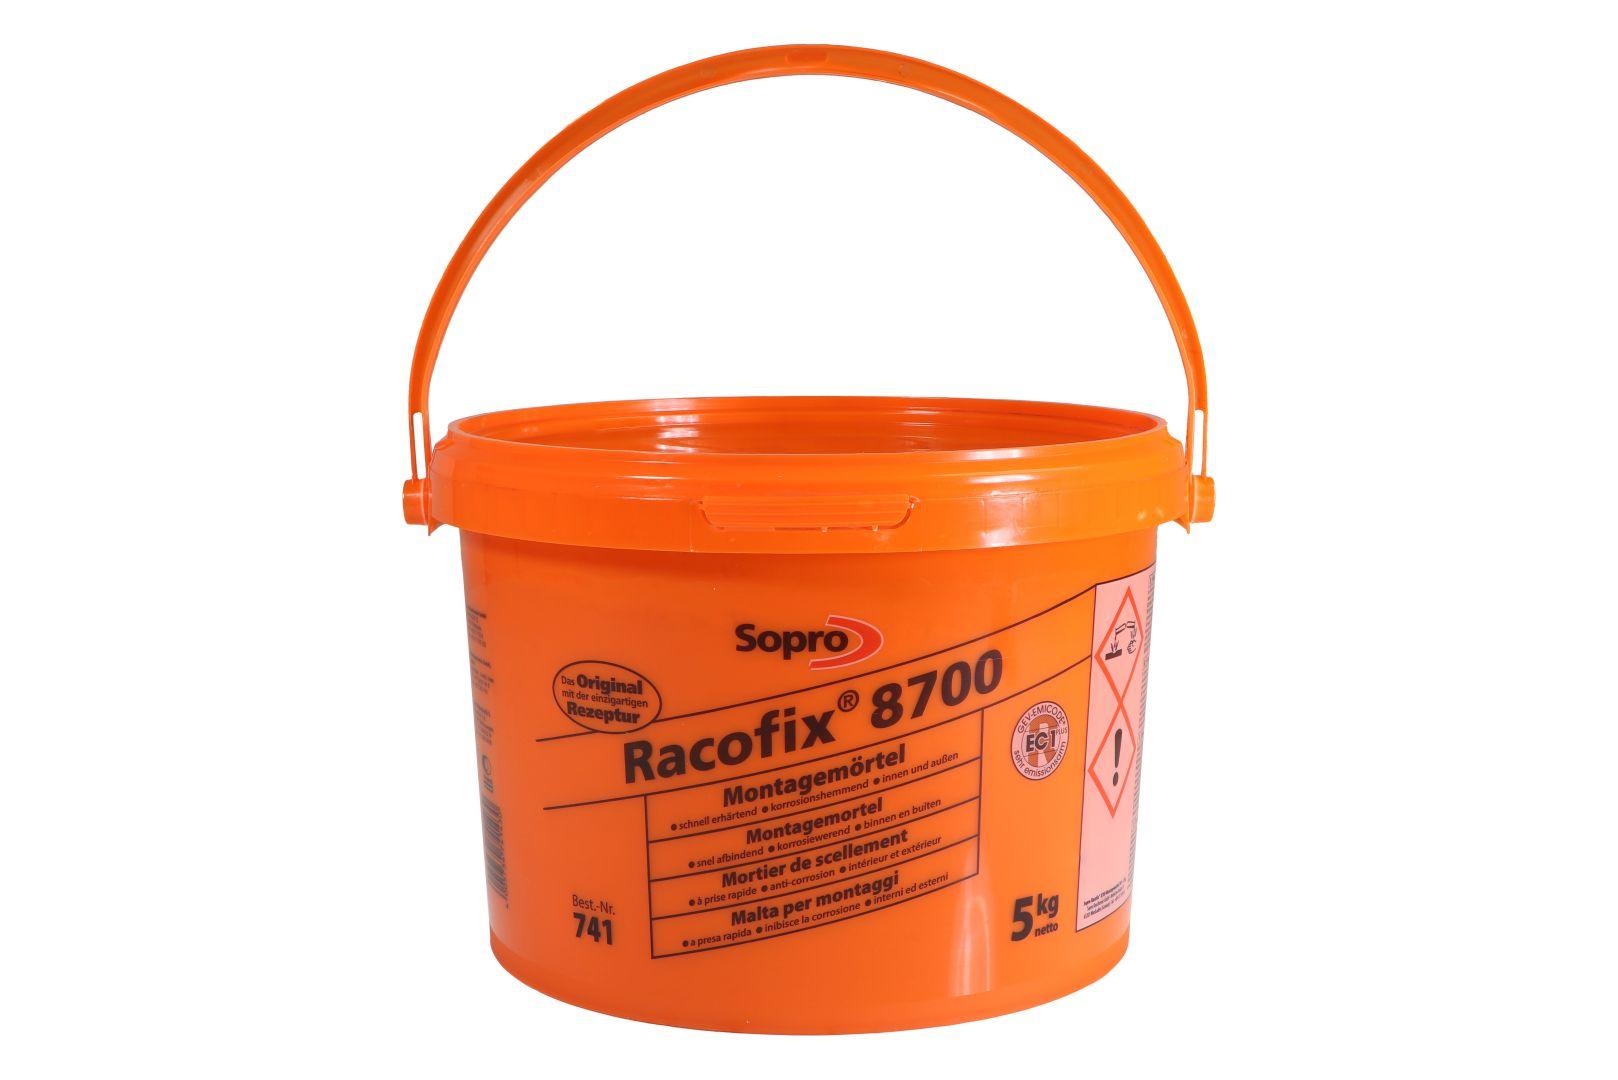 Sopro Racofix 8700, Schnellmontagemörtel 741, 5 kg